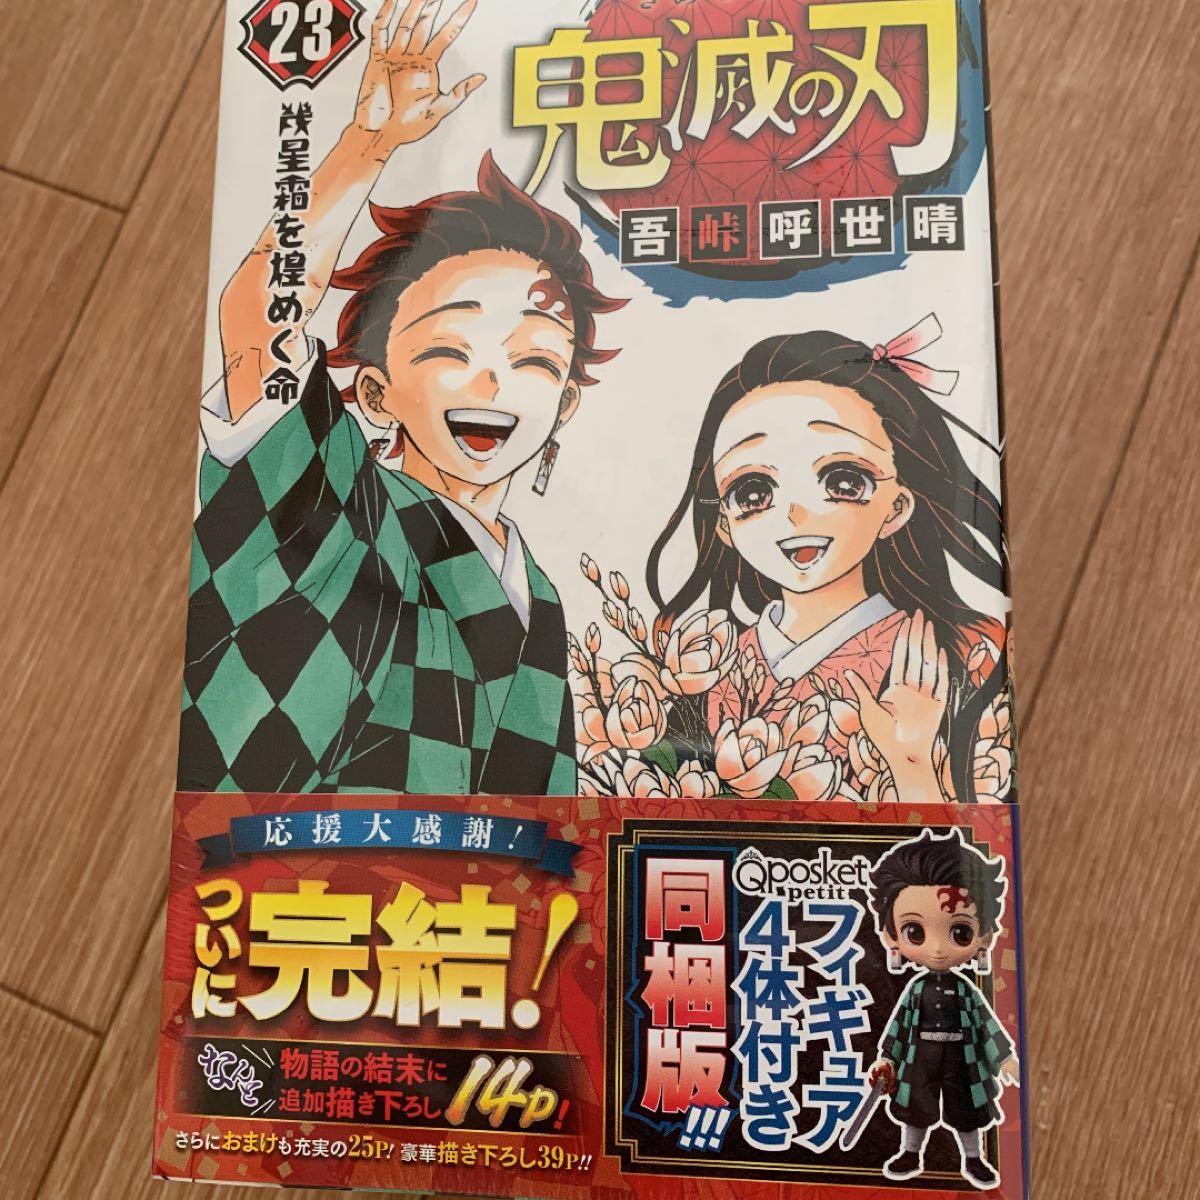 鬼滅の刃 23巻 フィギュア同梱